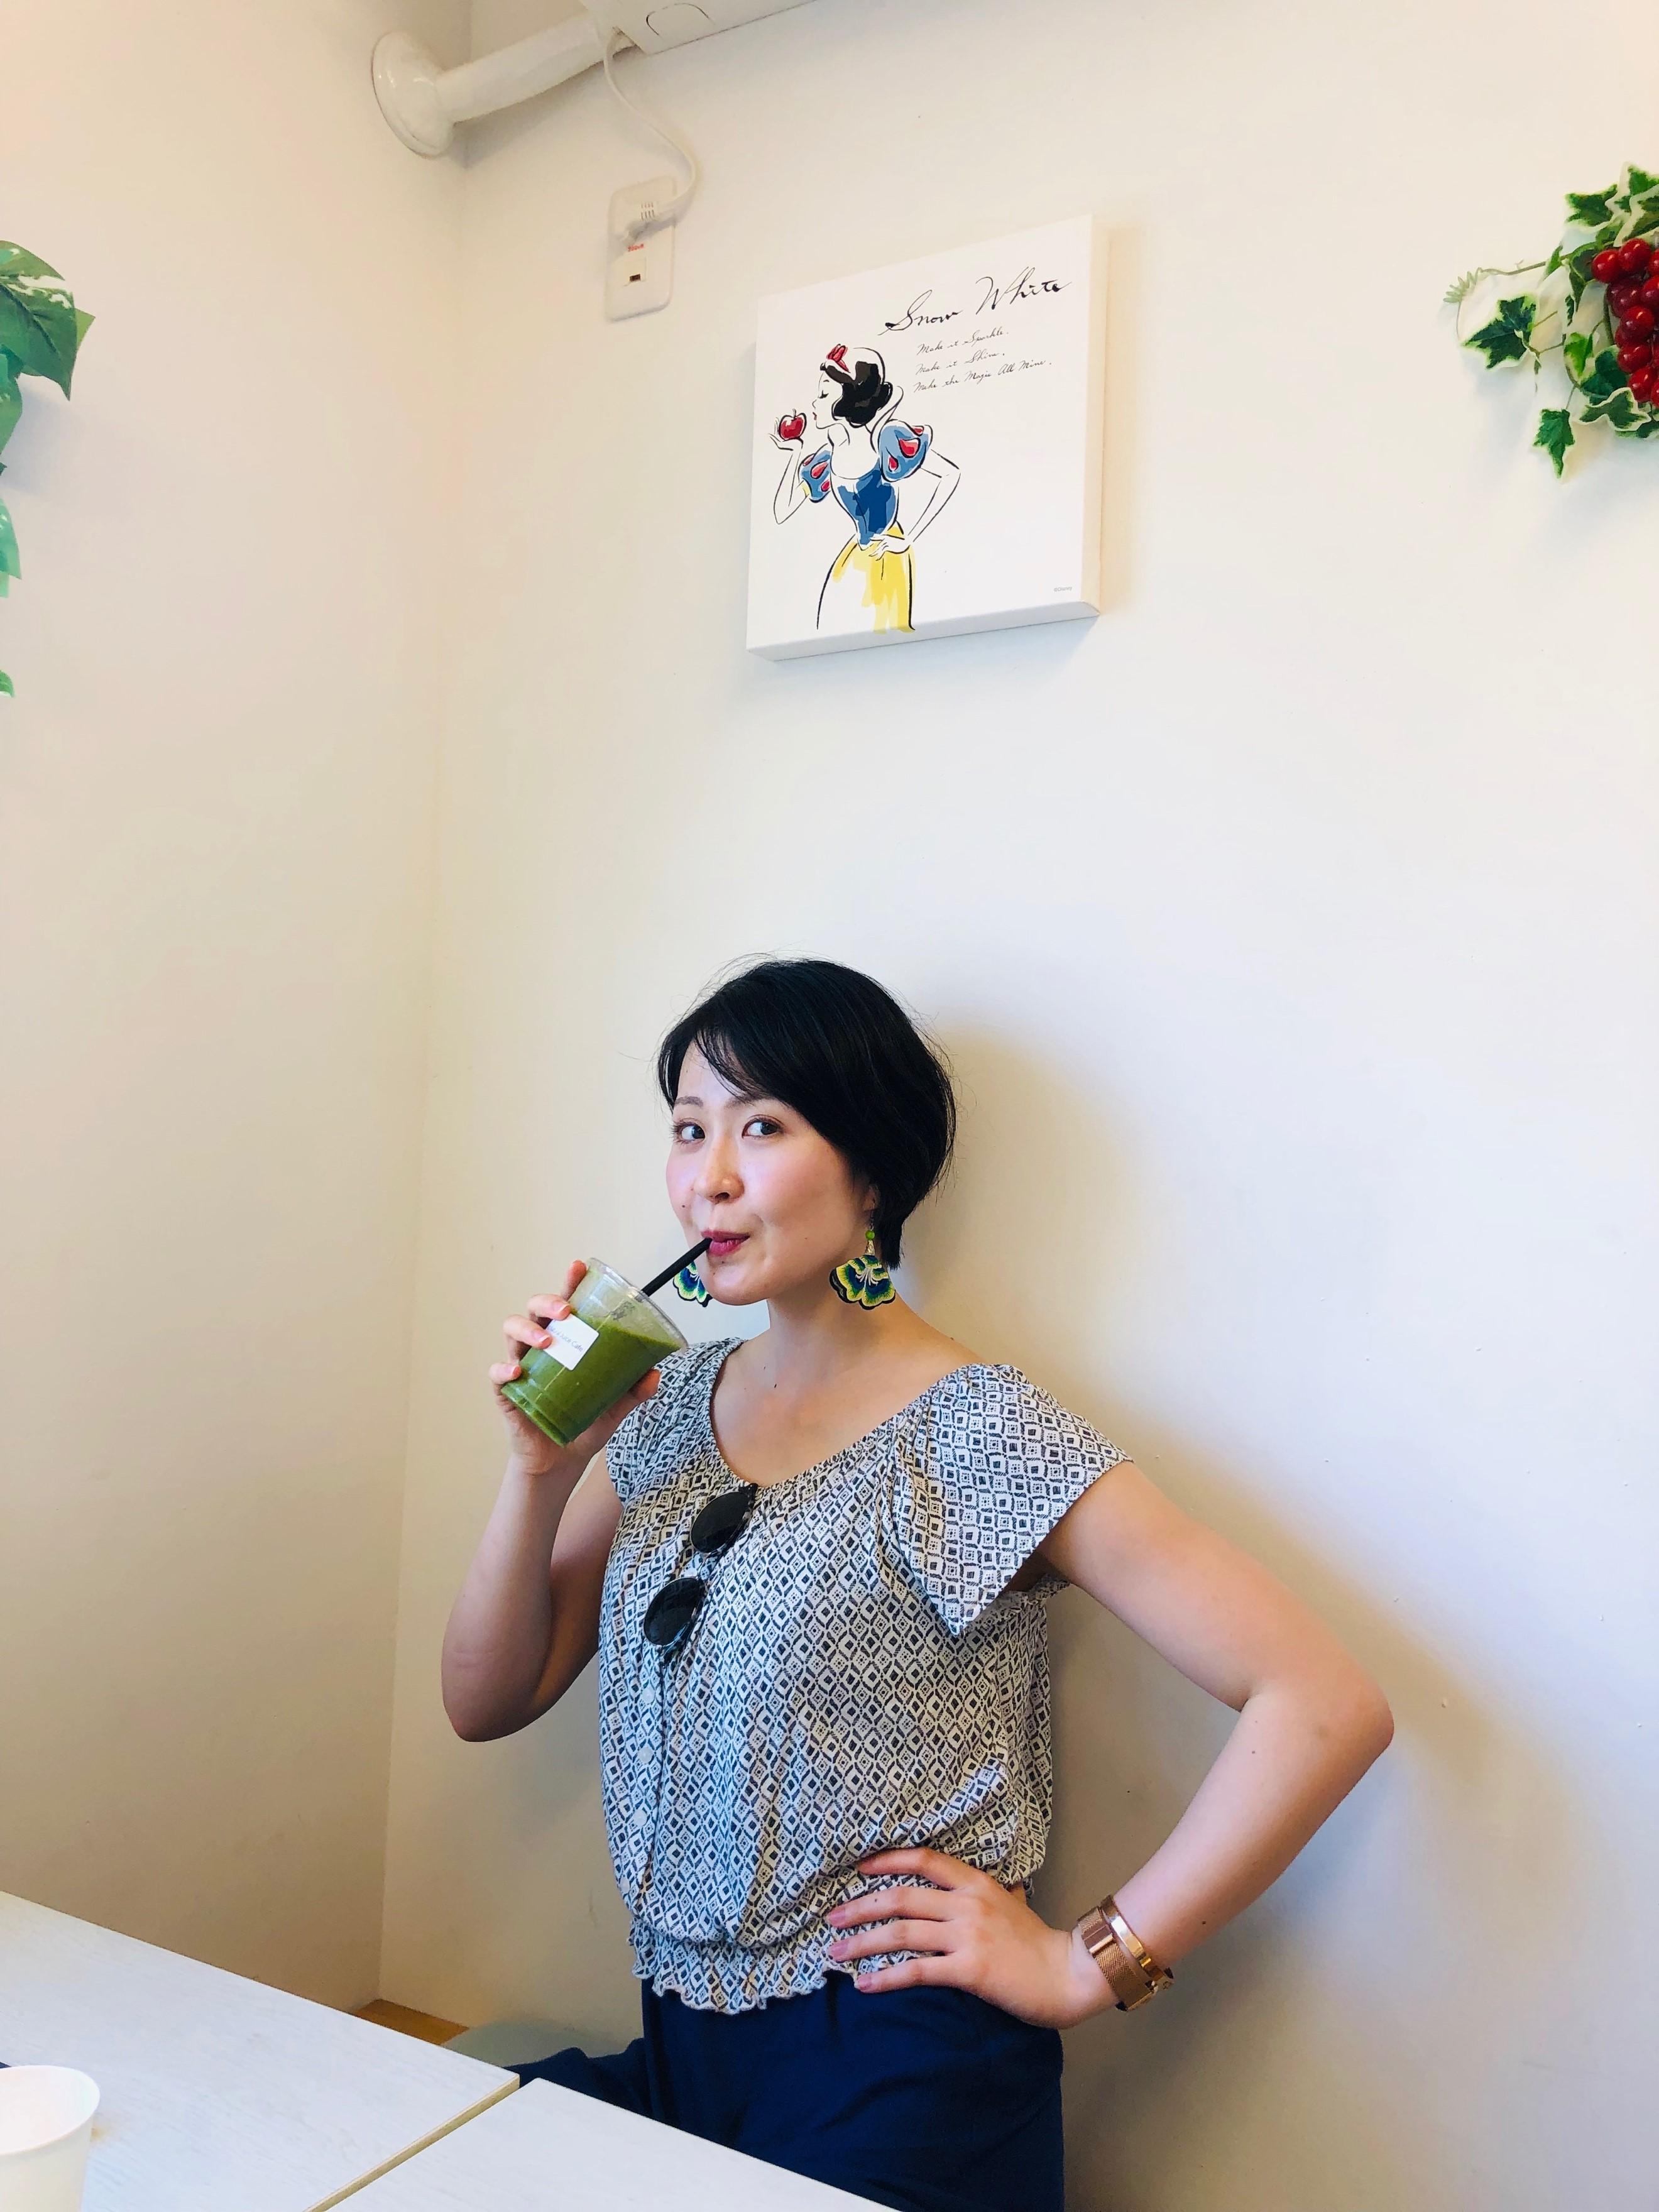 イートインスペースで「グリーンマキシマイザー」を飲む